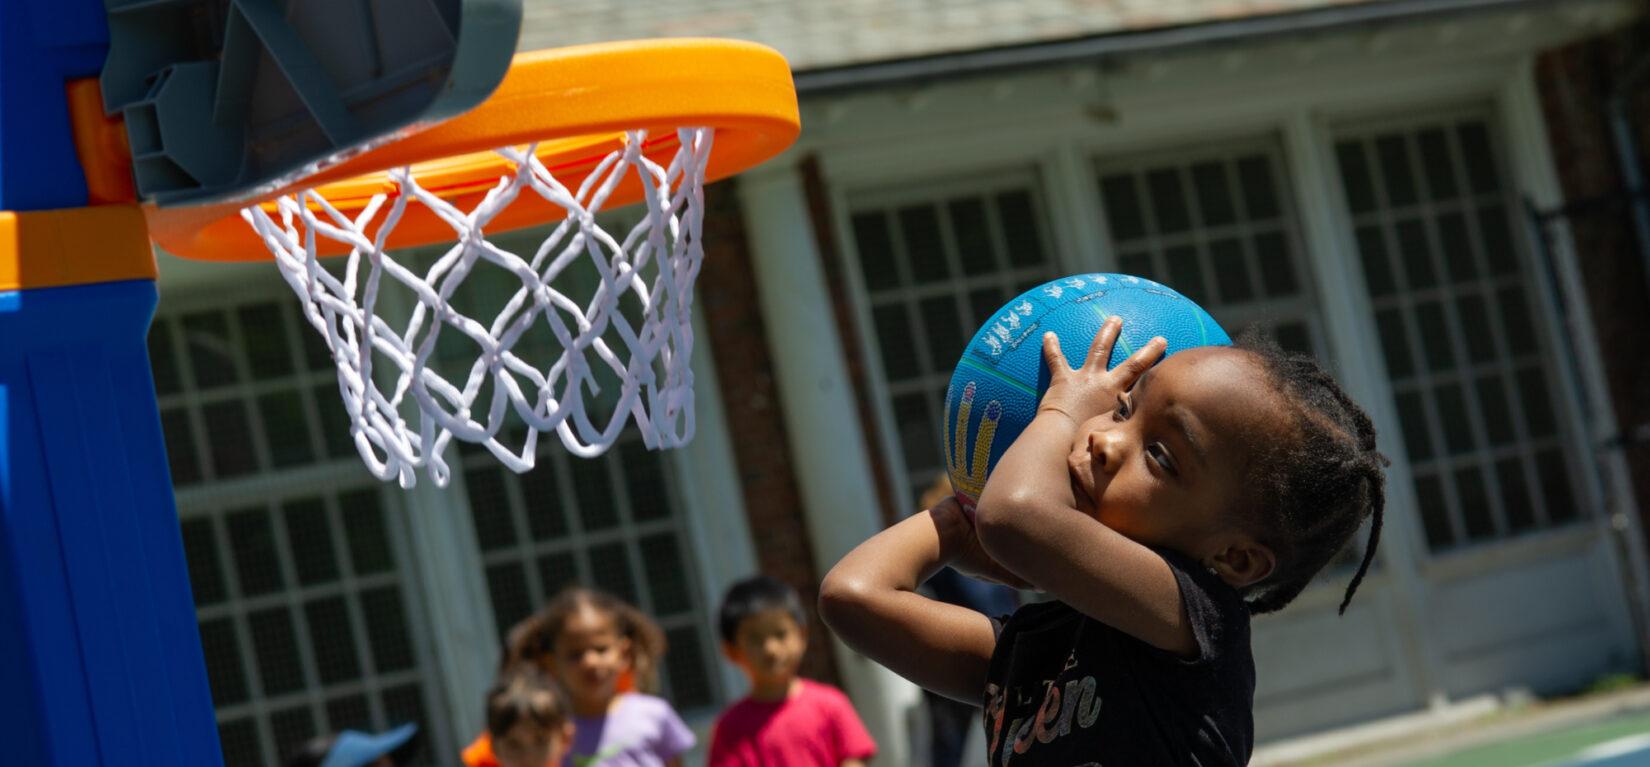 A future WNBA star prepares to shoot a basket